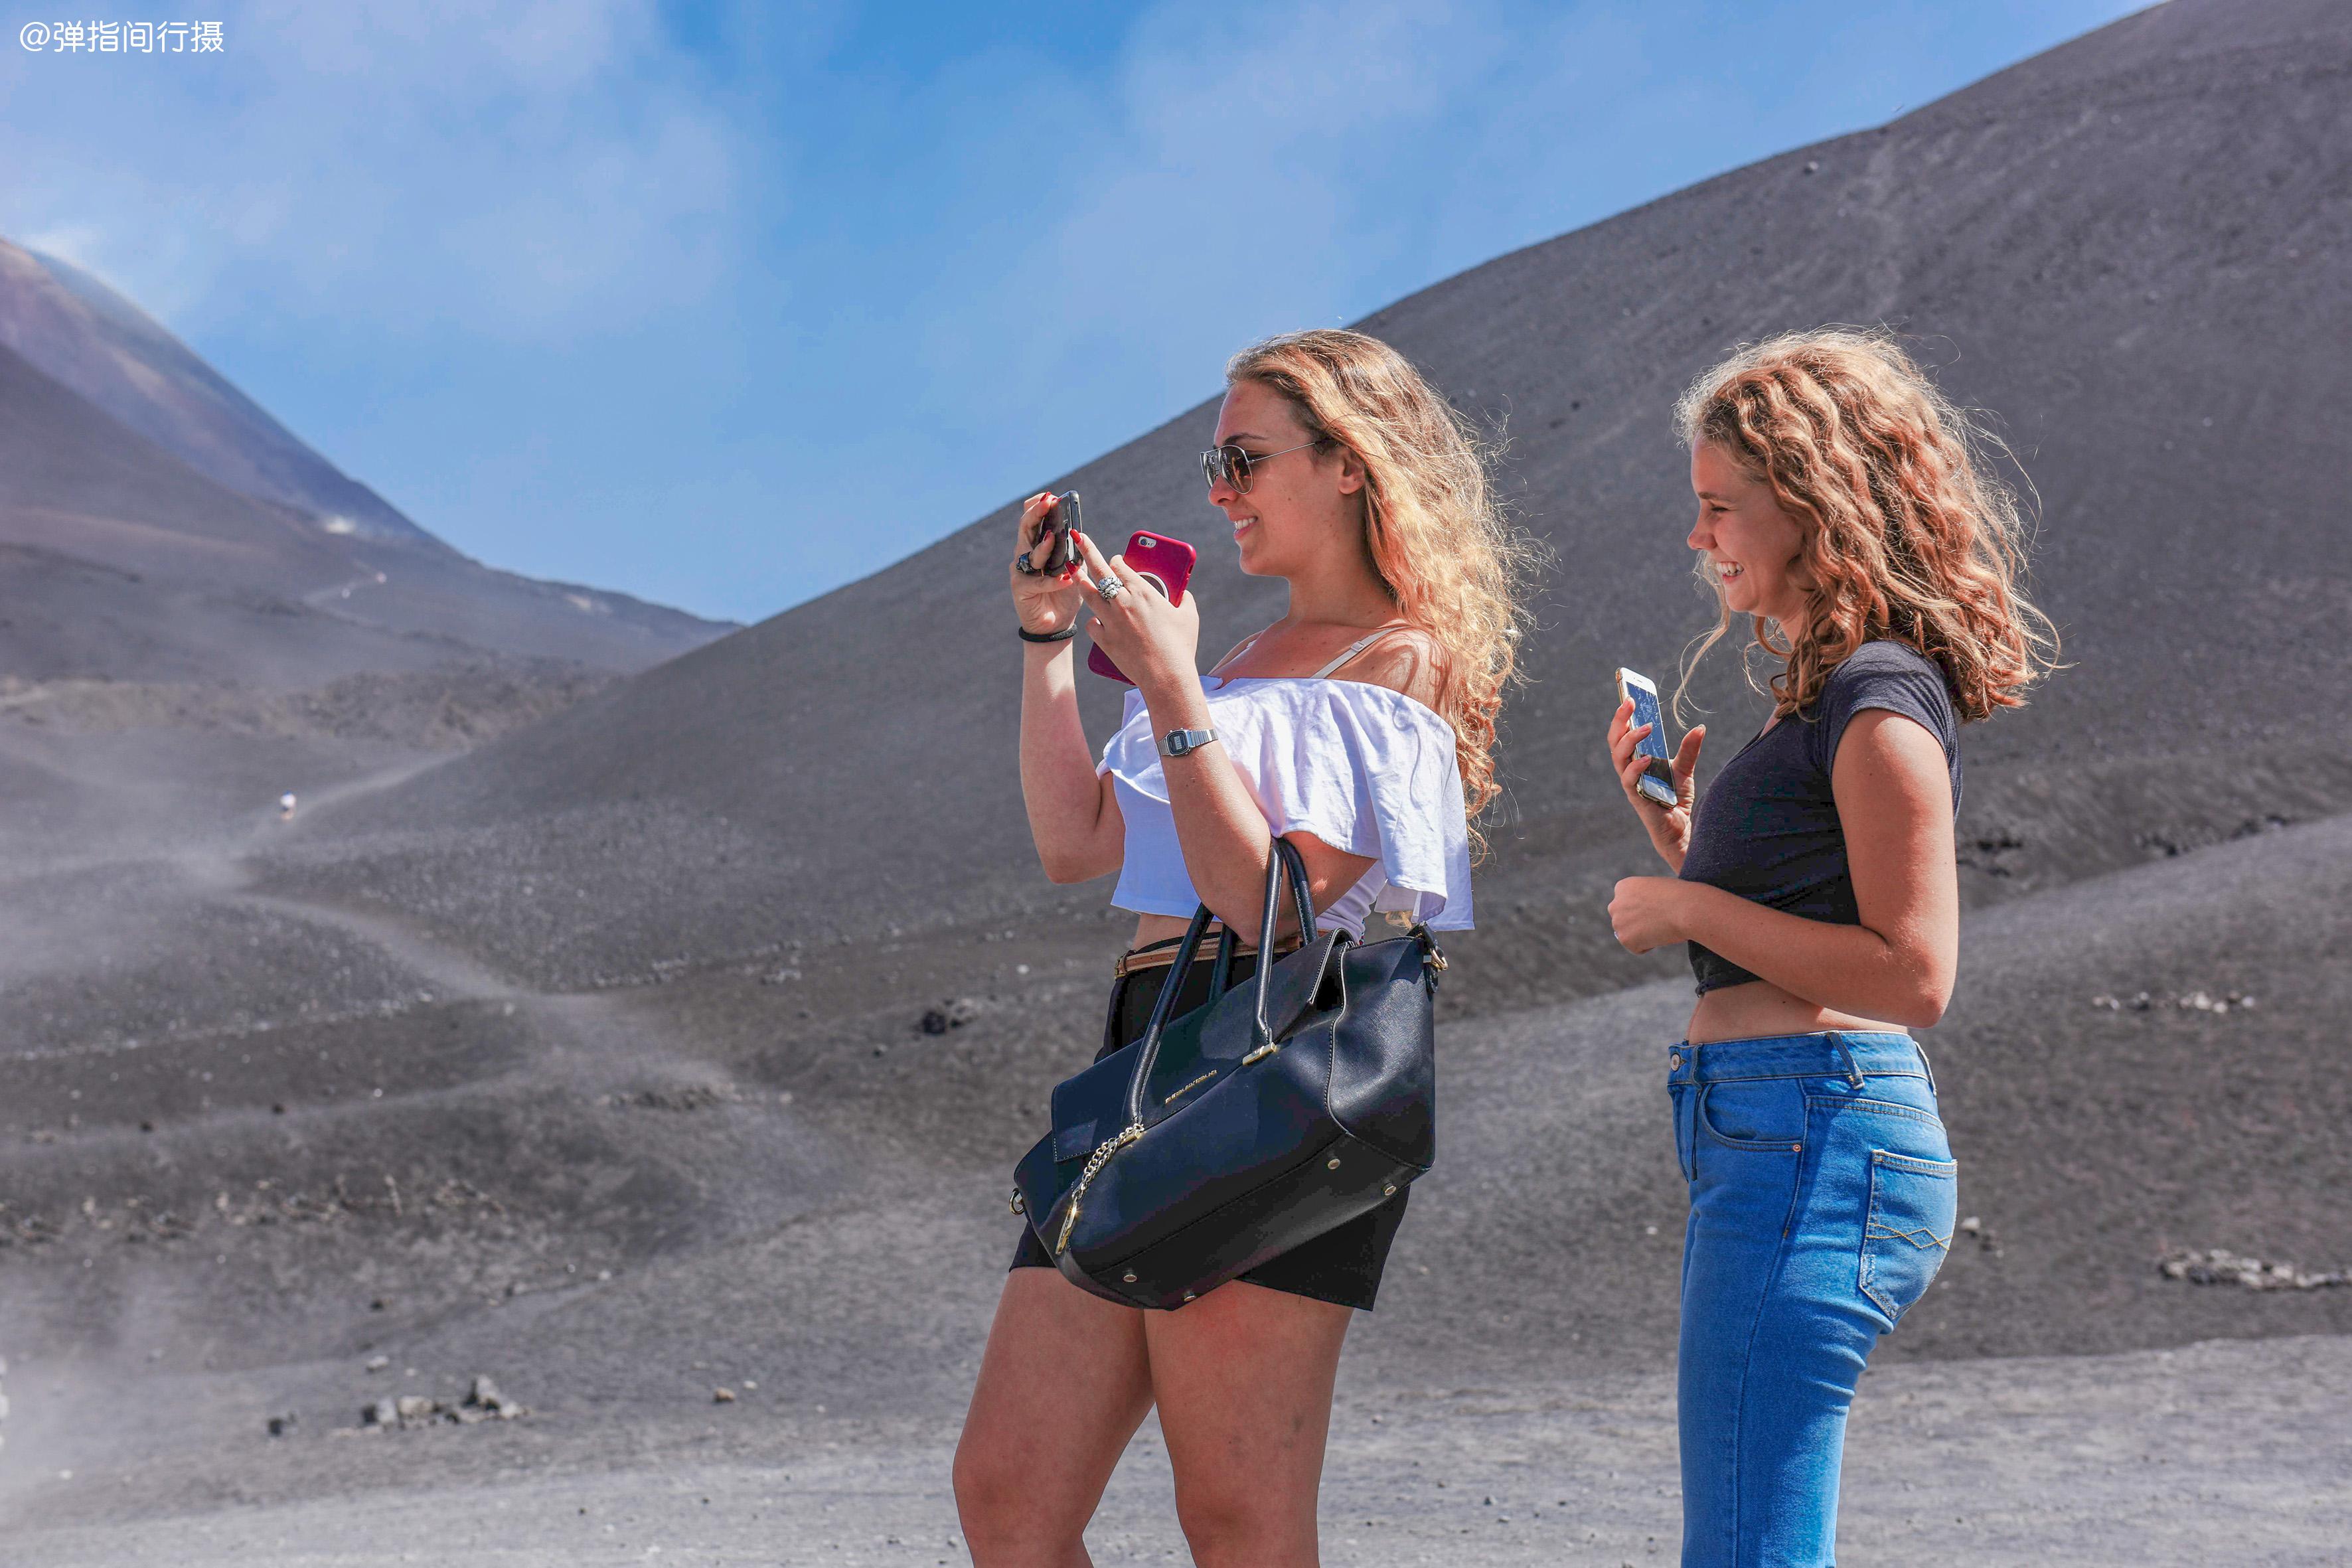 """欧洲最大的火山,喷发数次全球最多,山脚居民有这个预警""""土方"""""""